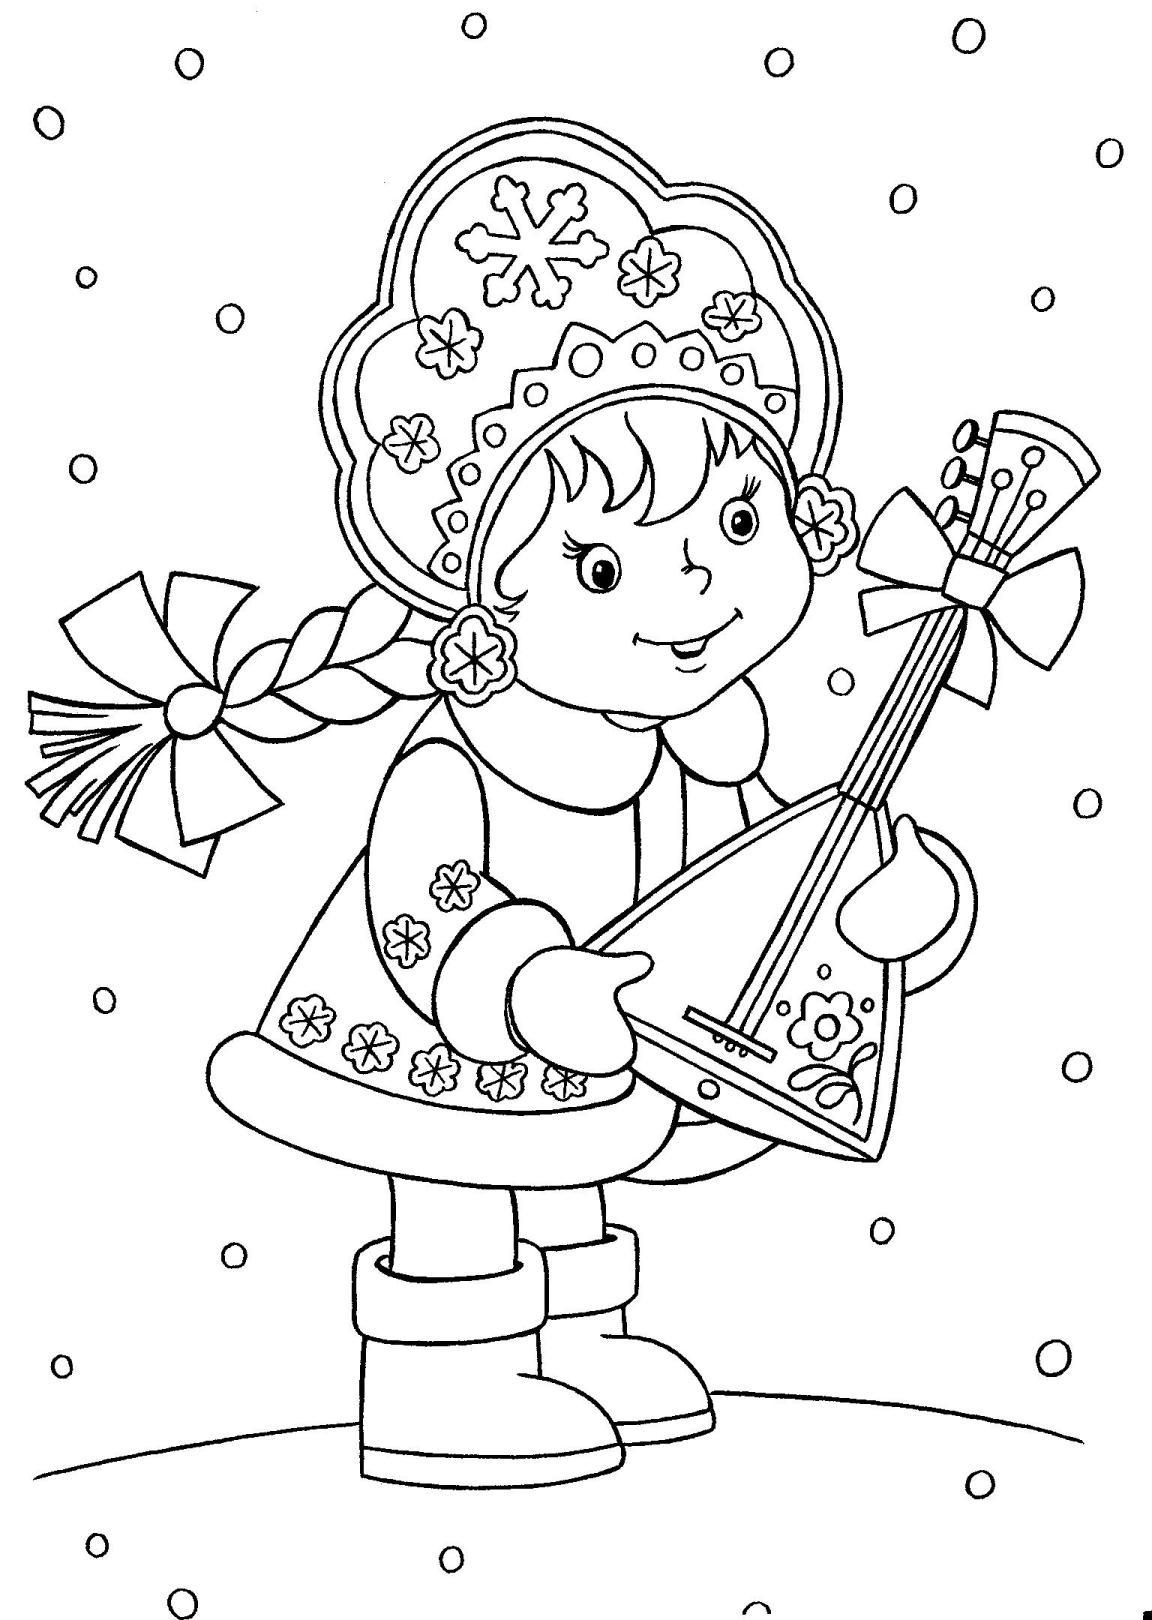 Раскраска Новый год | Toys House